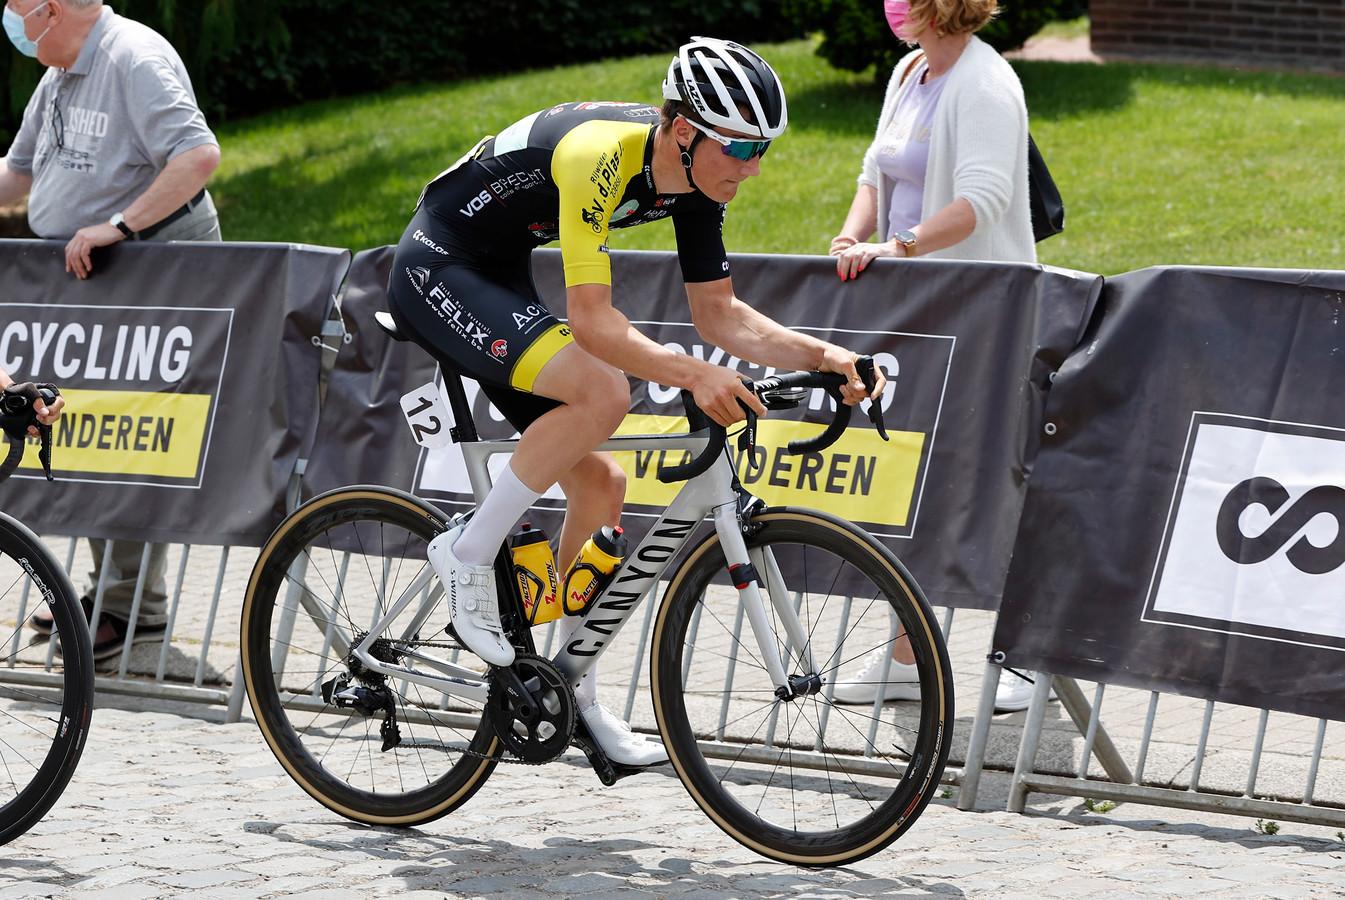 Milan Kuypers probeert in de driedaagse Aubel-Thimister-Stavelot zijn grenzen te verleggen.